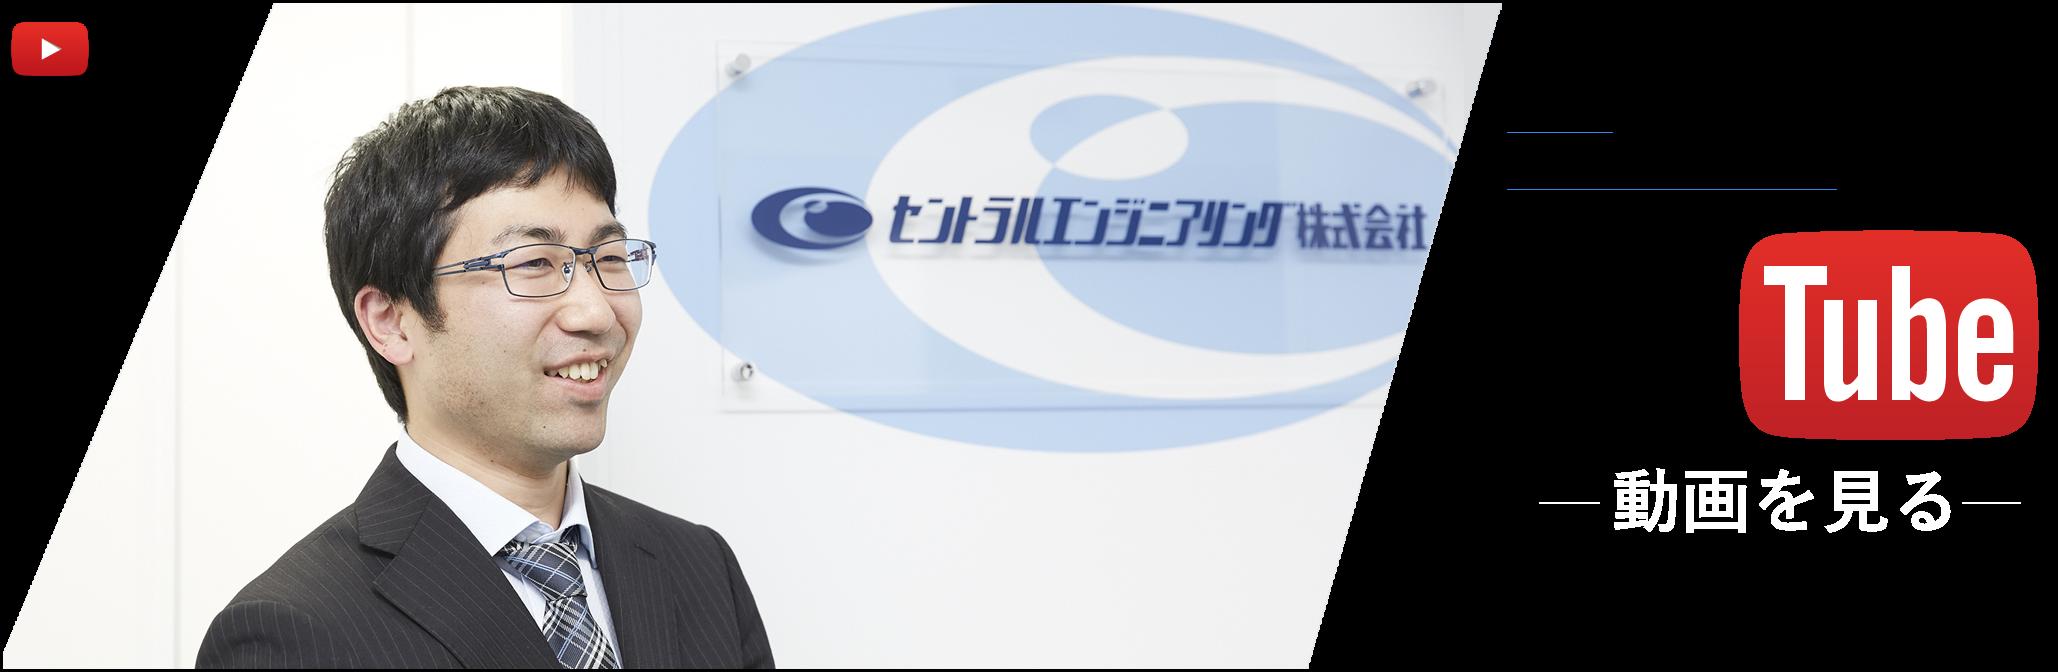 鈴木 幸広 35歳    自動車のアイドリングストップ制御システムの構築